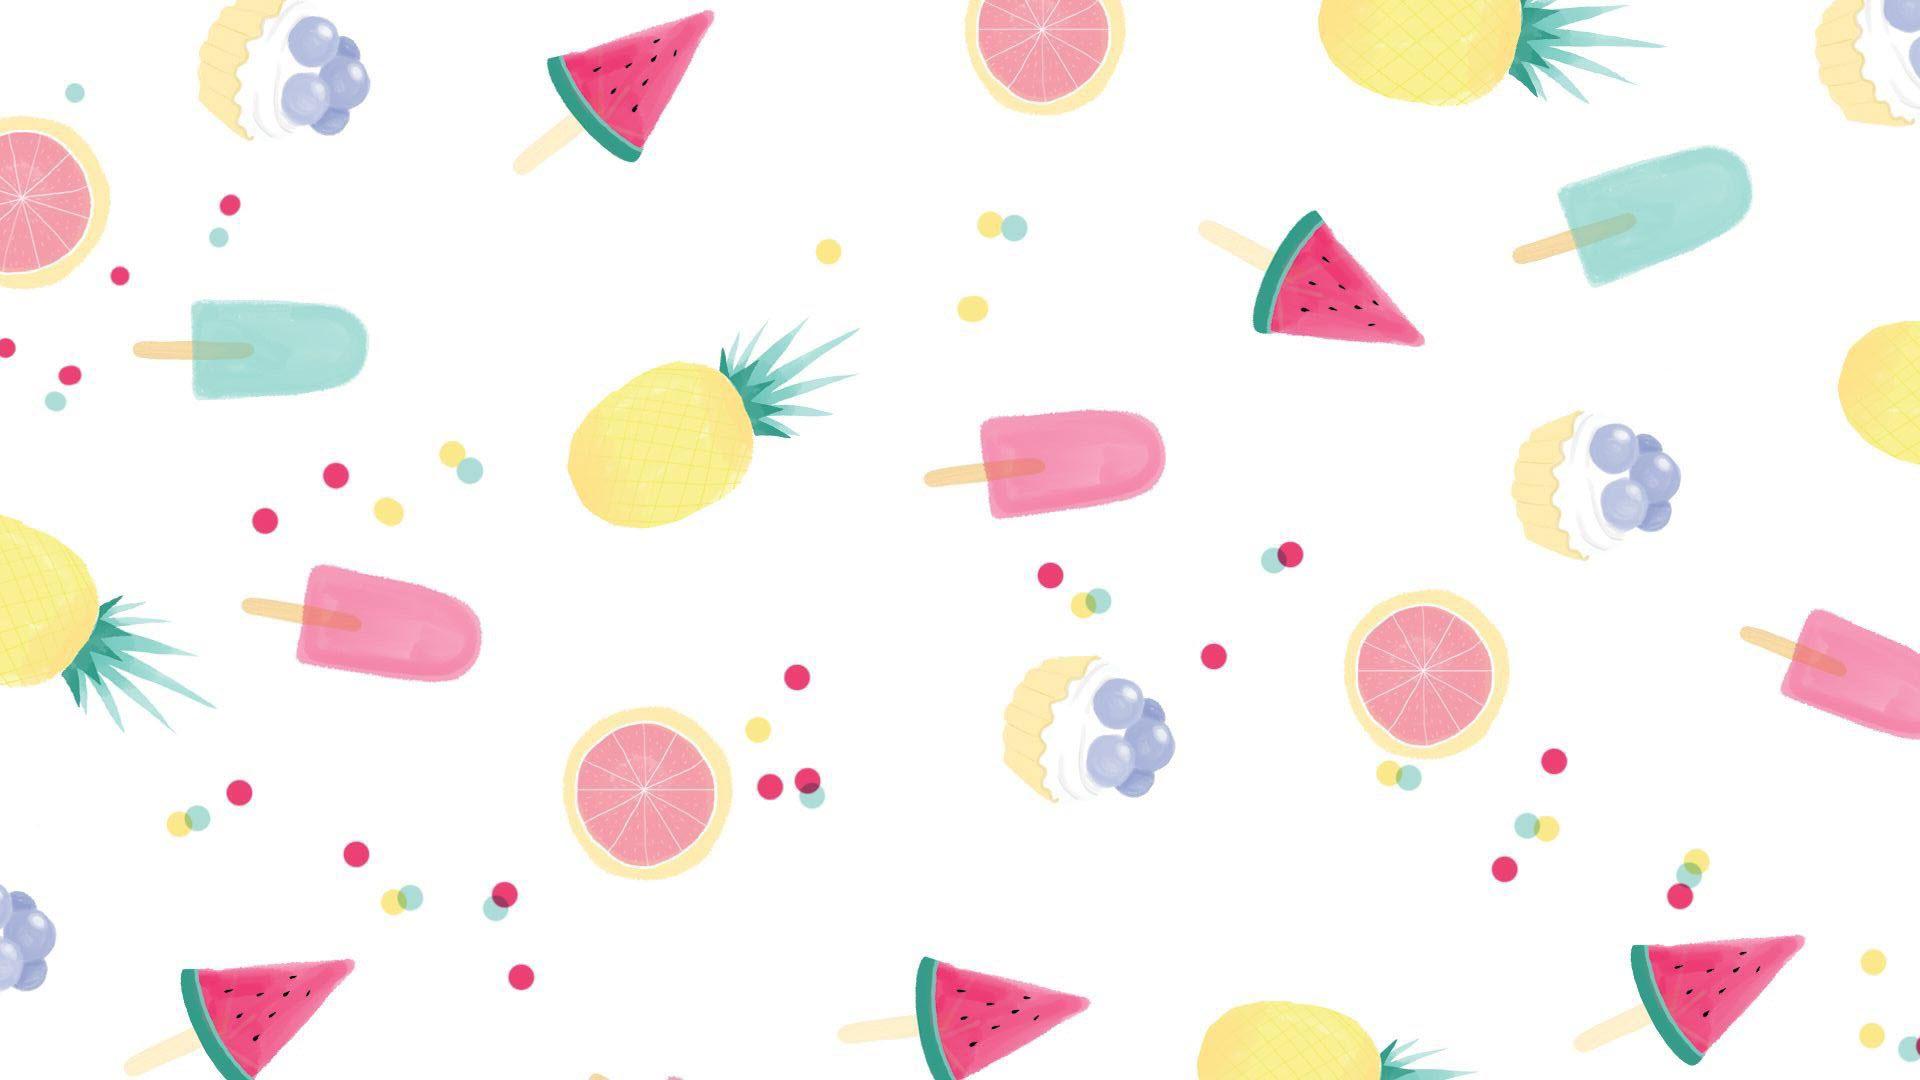 Hình nền hoa quả cute đẹp